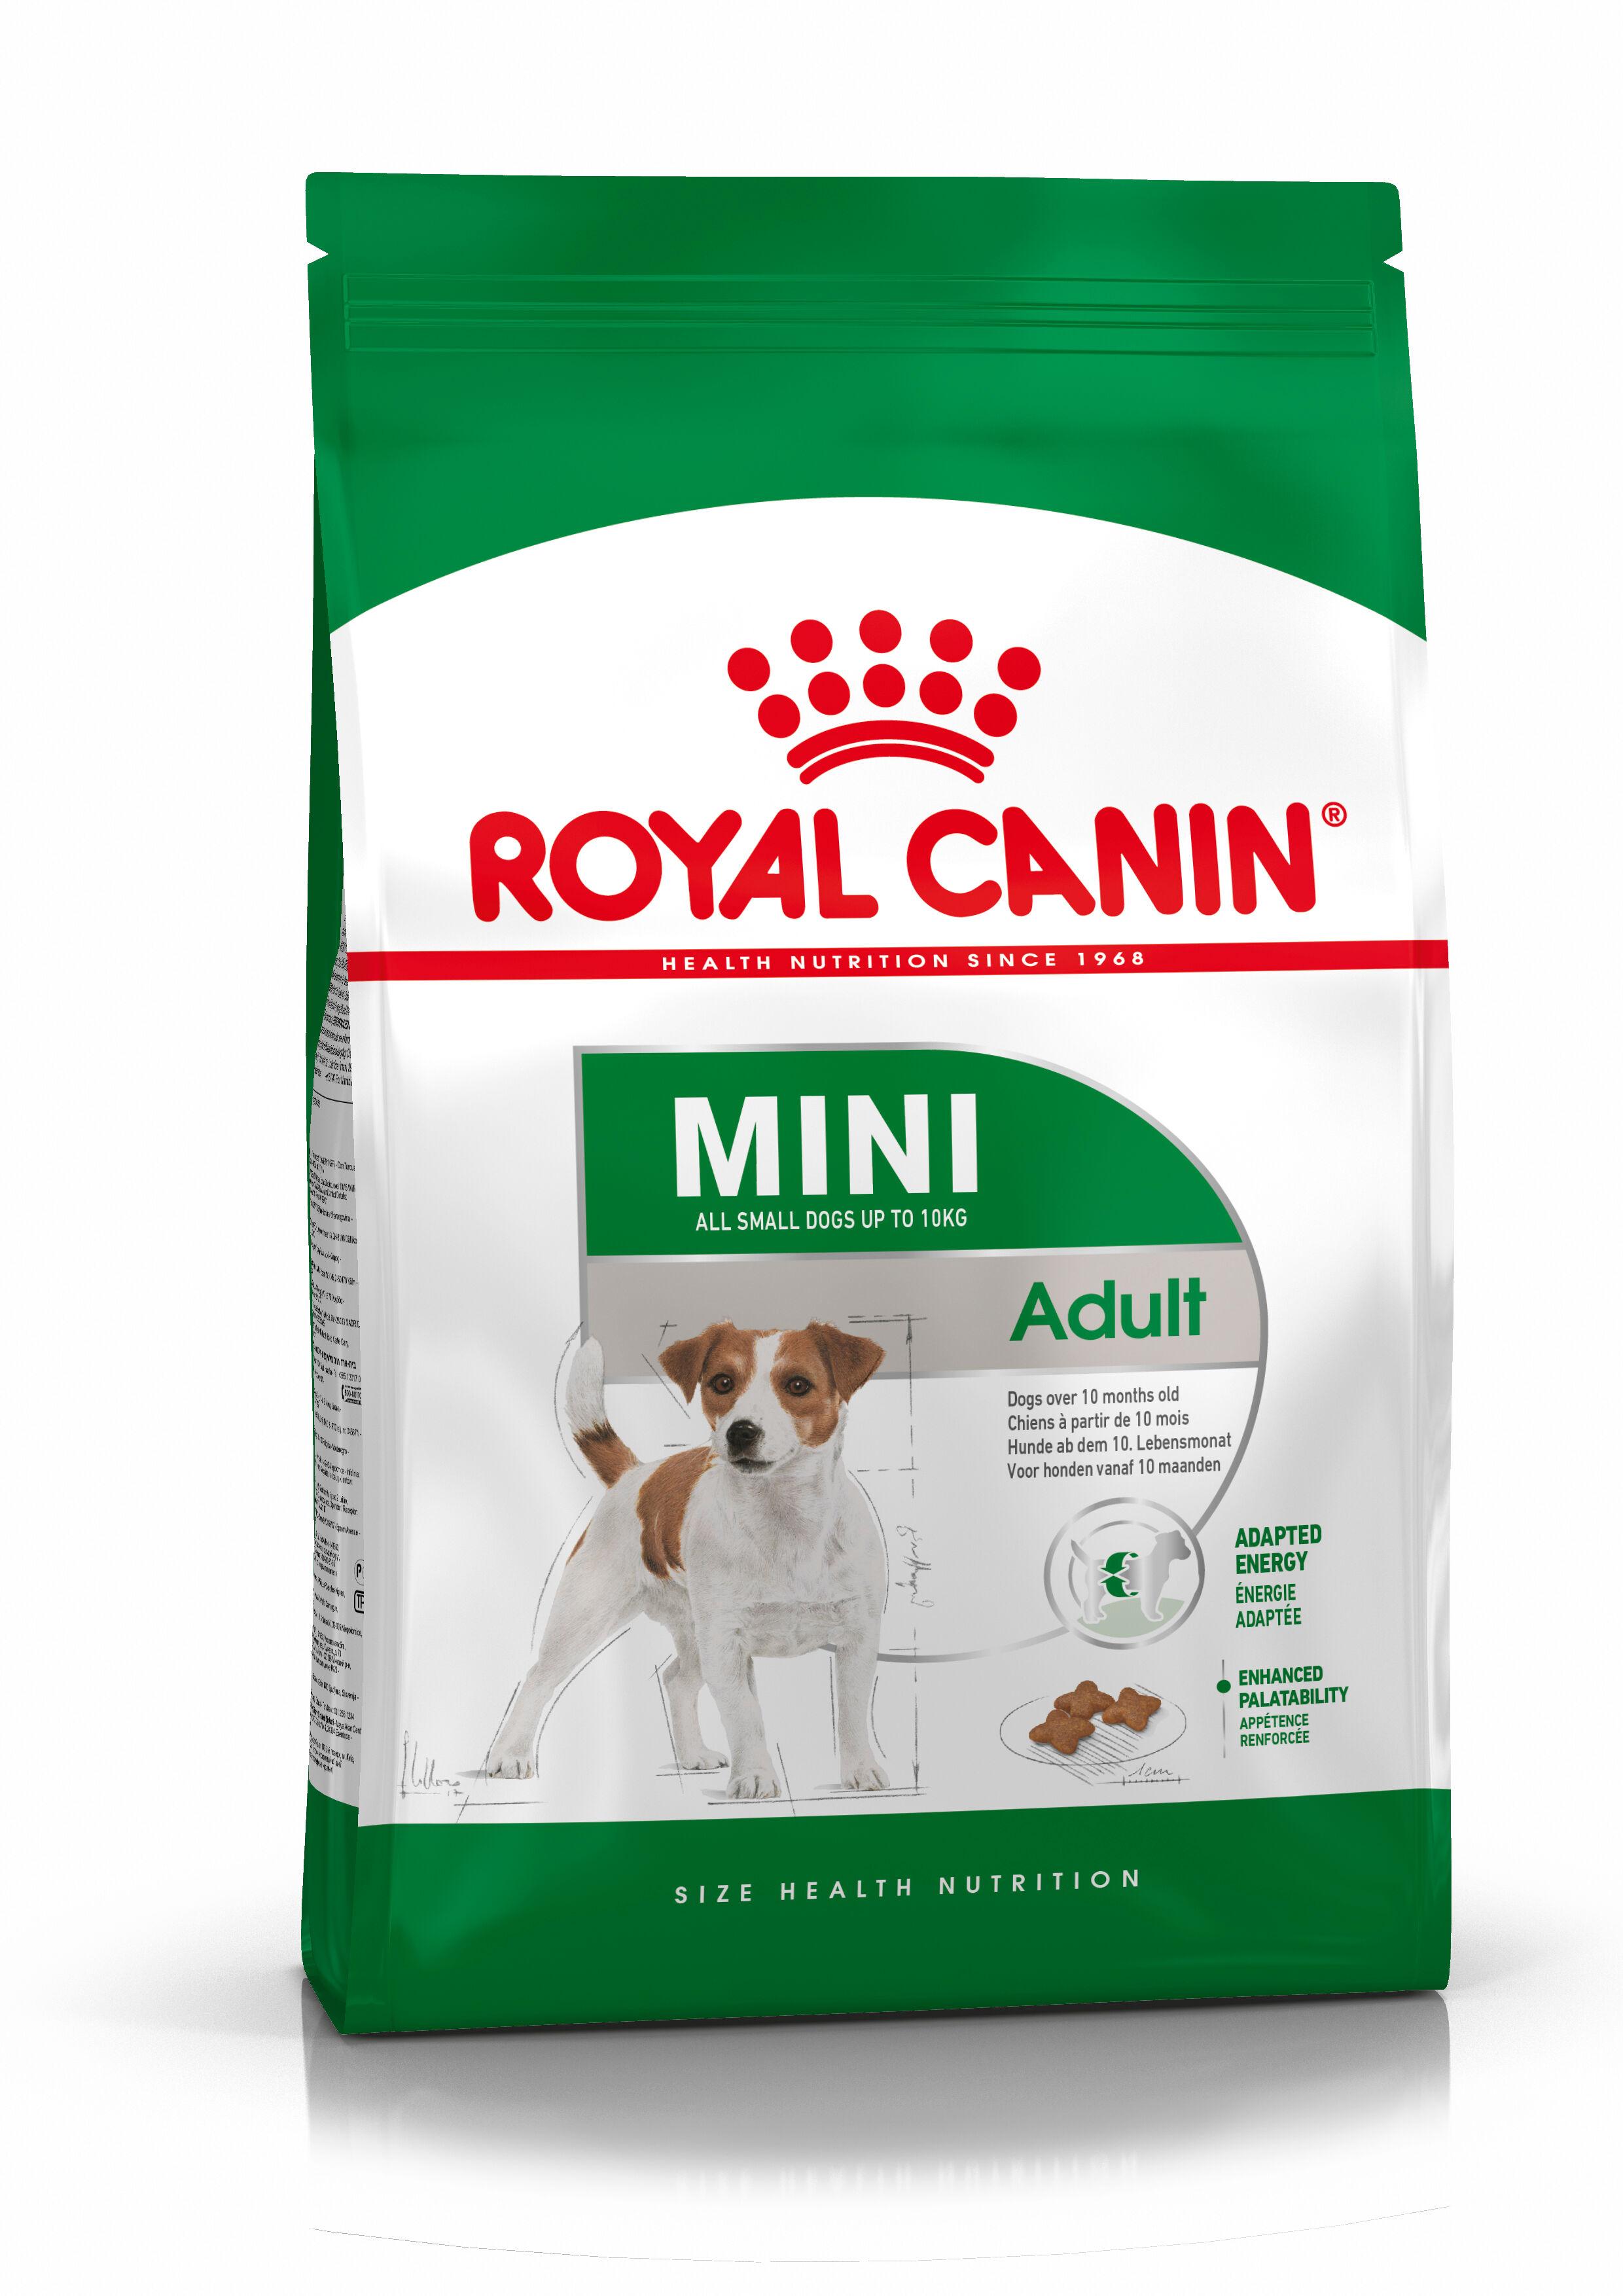 Royal Canin Mini Adult pour chien 2 x 8 kg